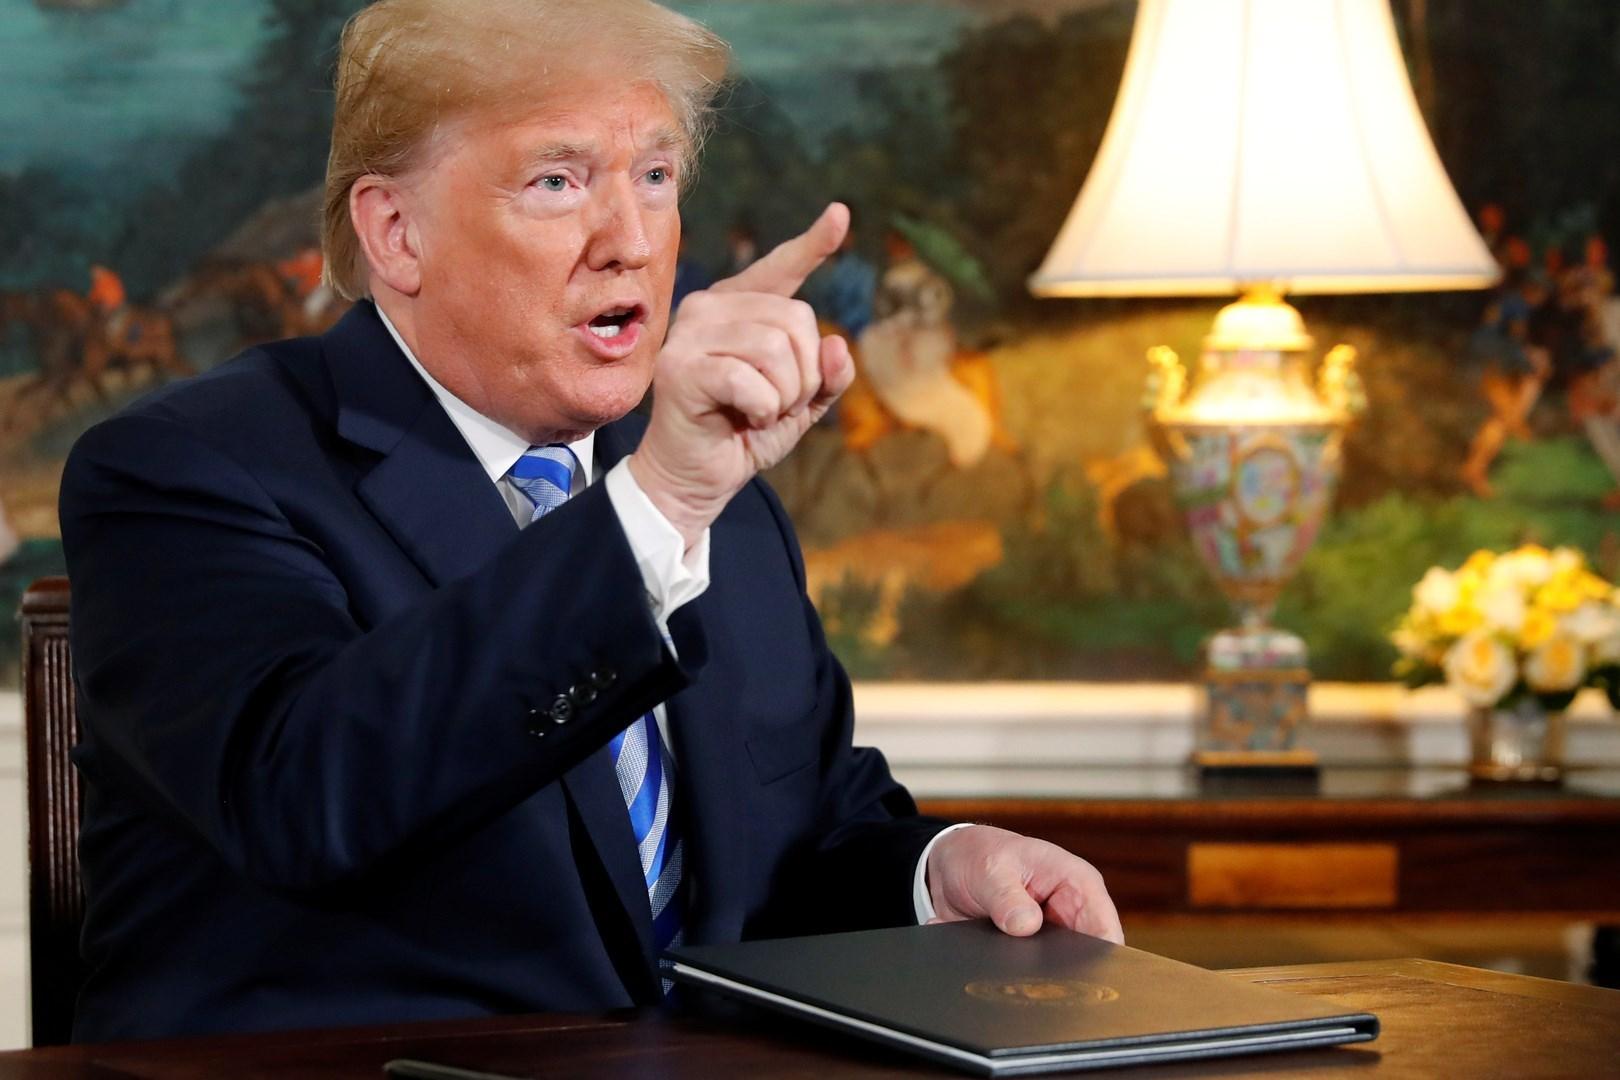 """مسؤول سابق في الـ""""سي آي ايه"""": ترامب يتجاهل التقارير الاستخباراتية ويبحث عن الشهرة"""